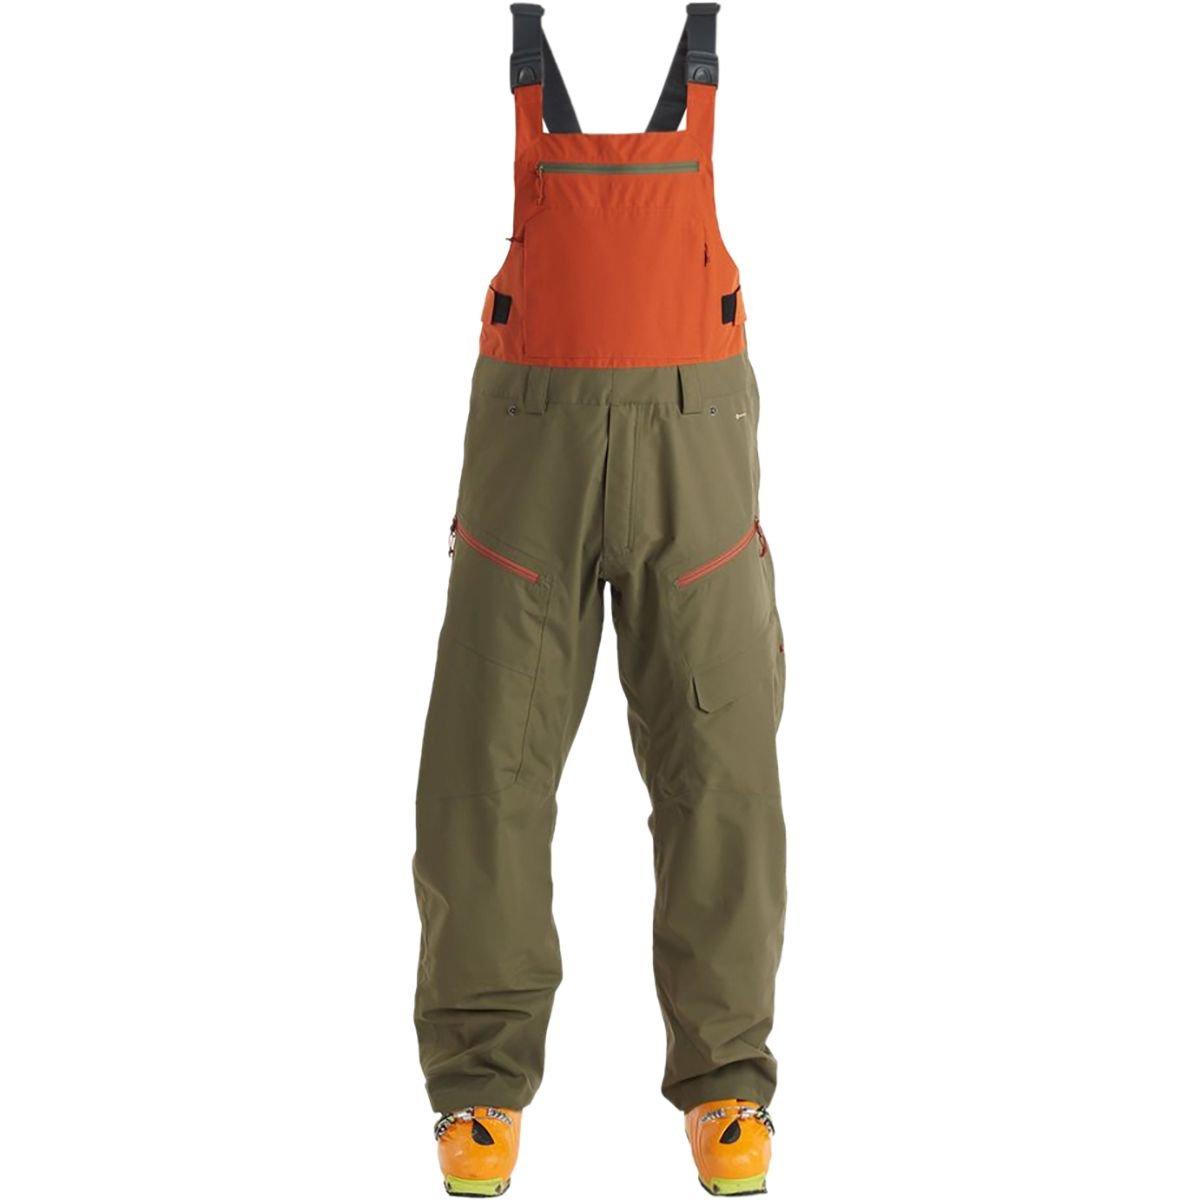 Flylow Gear Firebird Bib Pant – Men 's B075BHTZV8  Army/Rust L